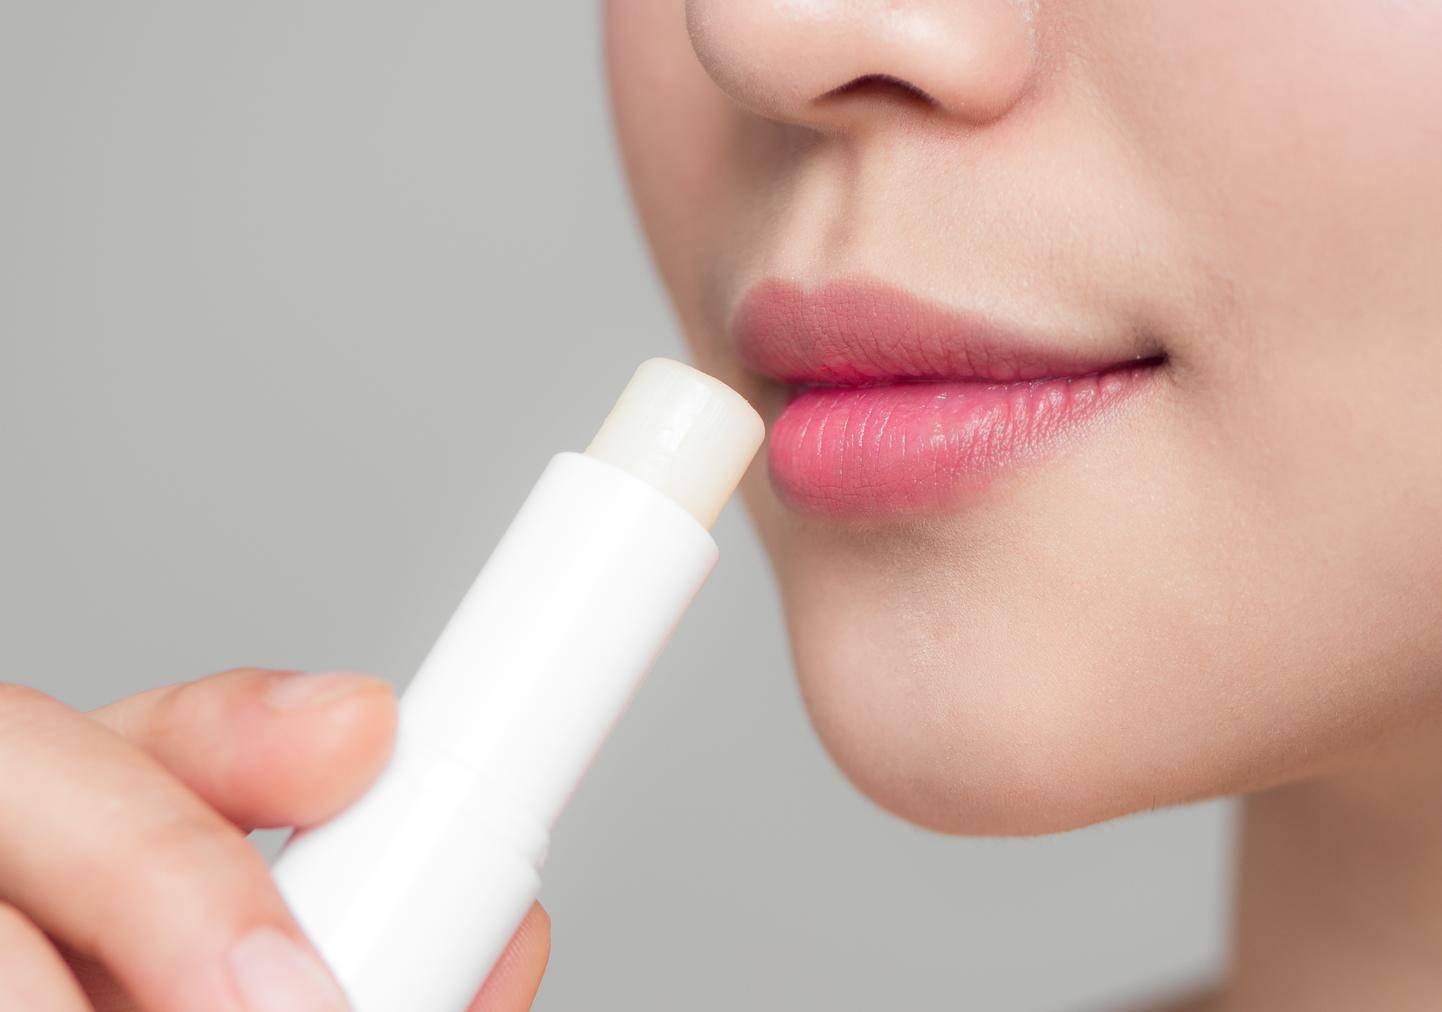 Zaštita: Balzami usne njeguju i čuvaju od opasnog UV zračenja